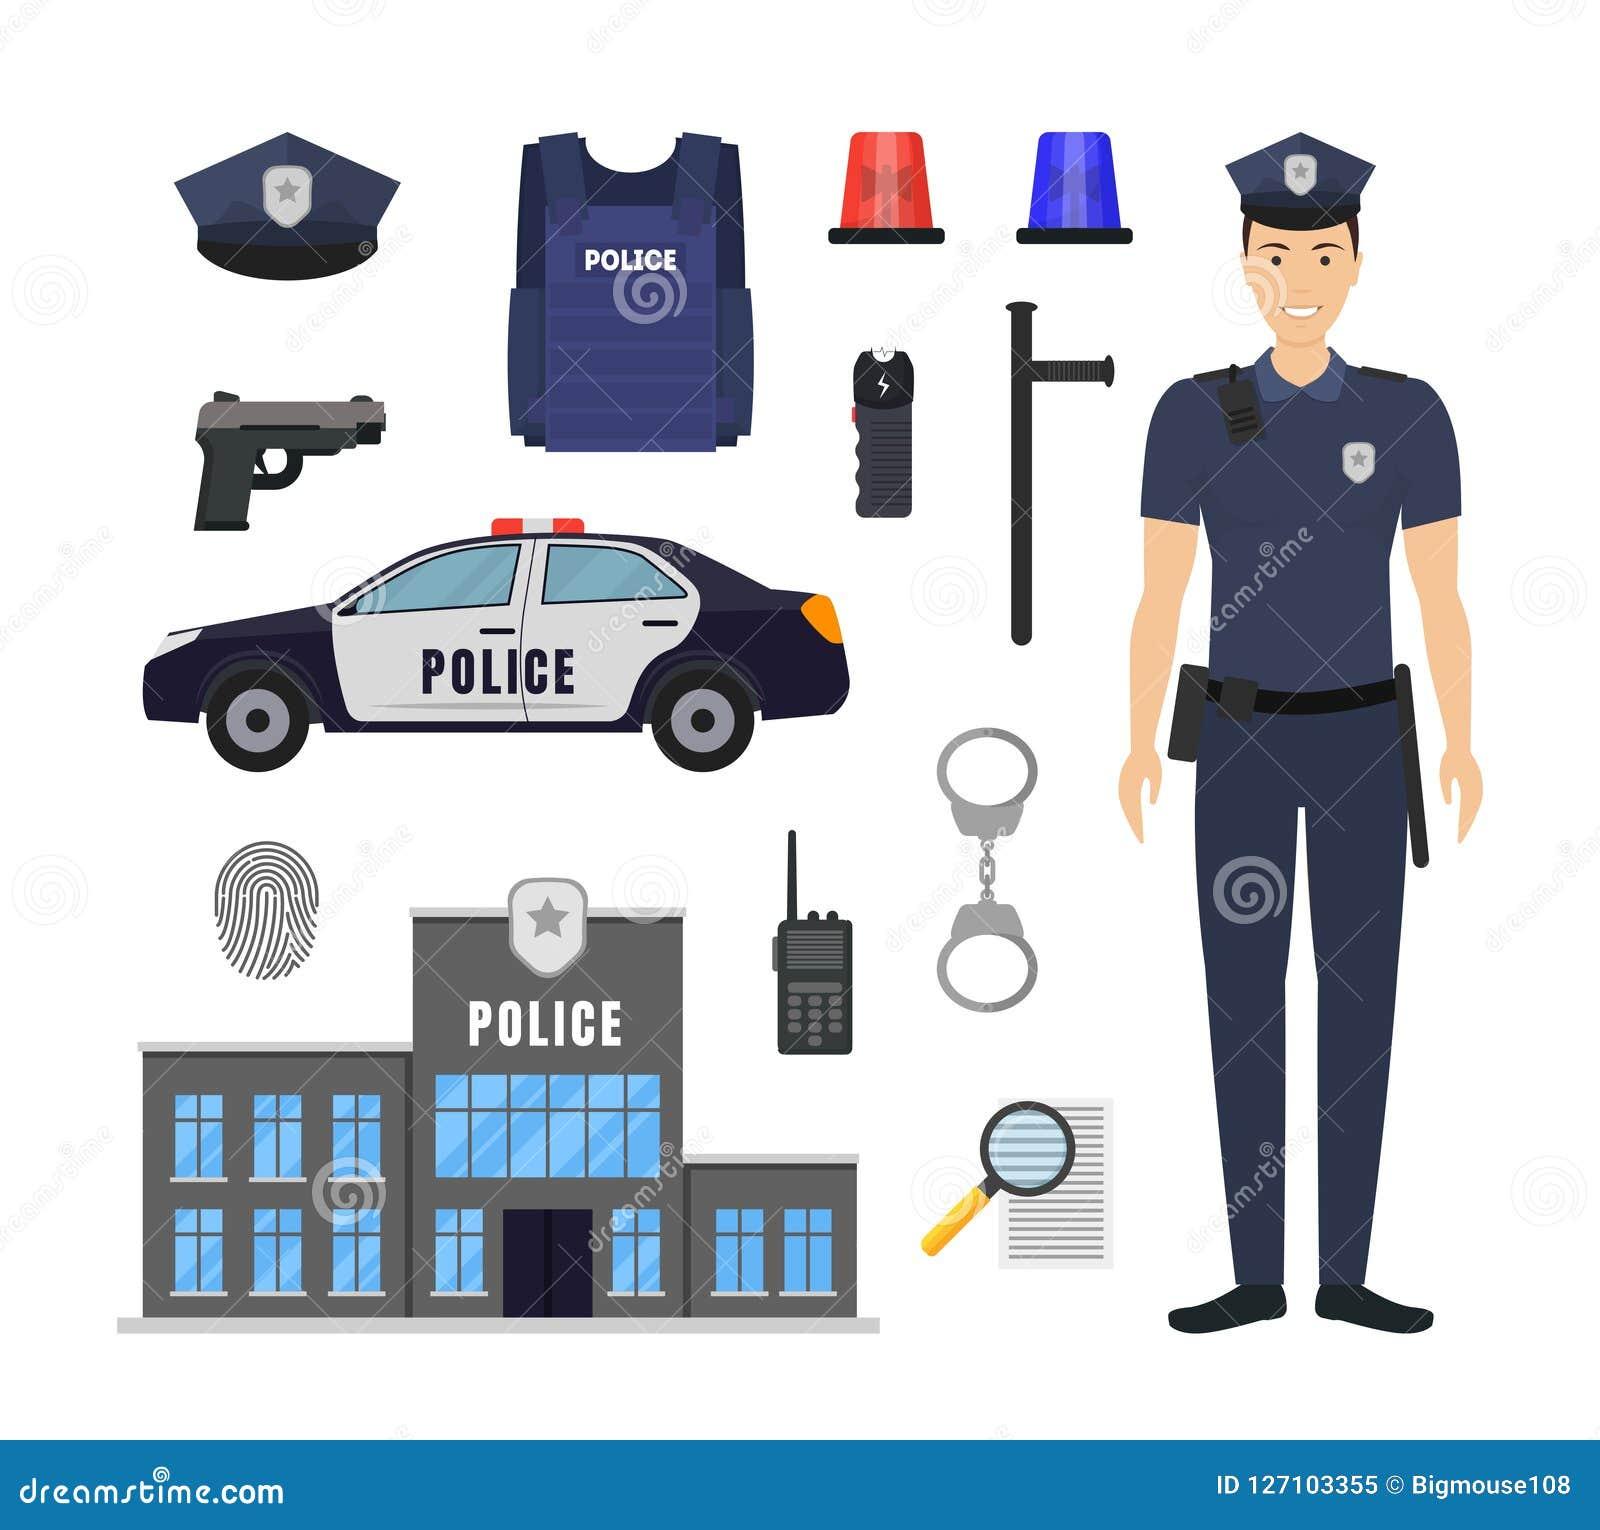 Kreskówka koloru policjant i policja elementów ikony set wektor